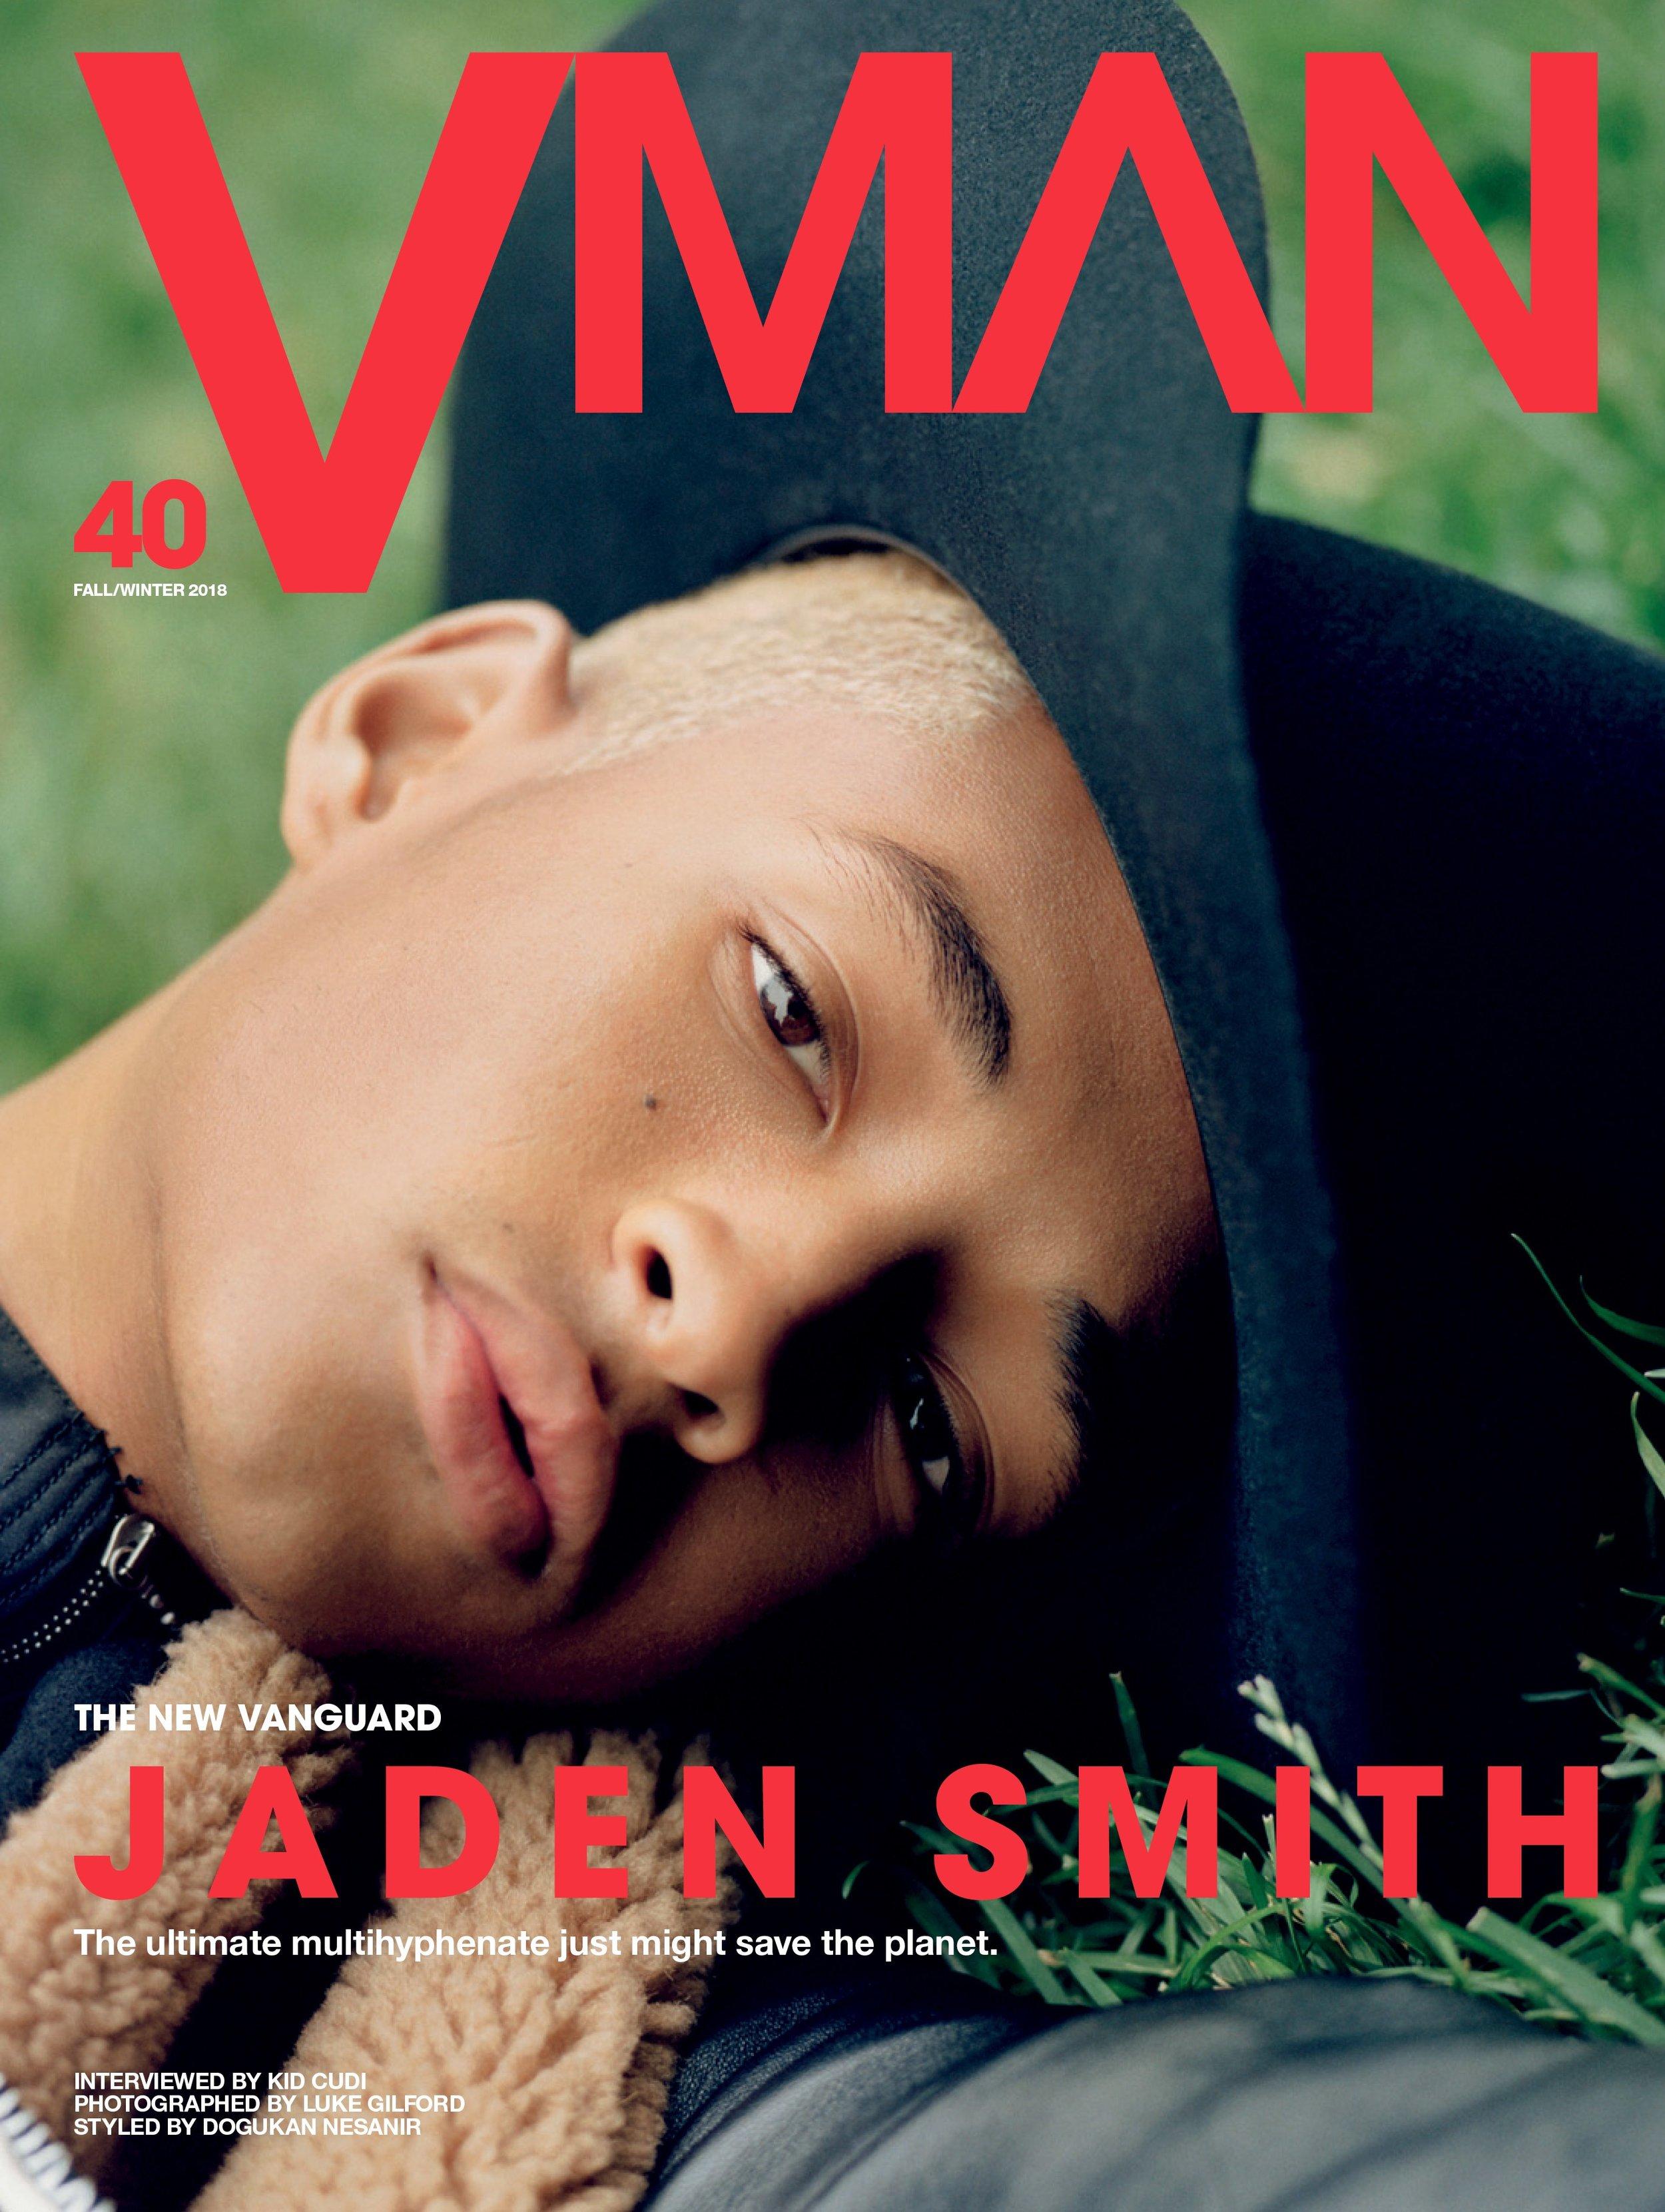 VN40_COVER_01_FINAL.jpg